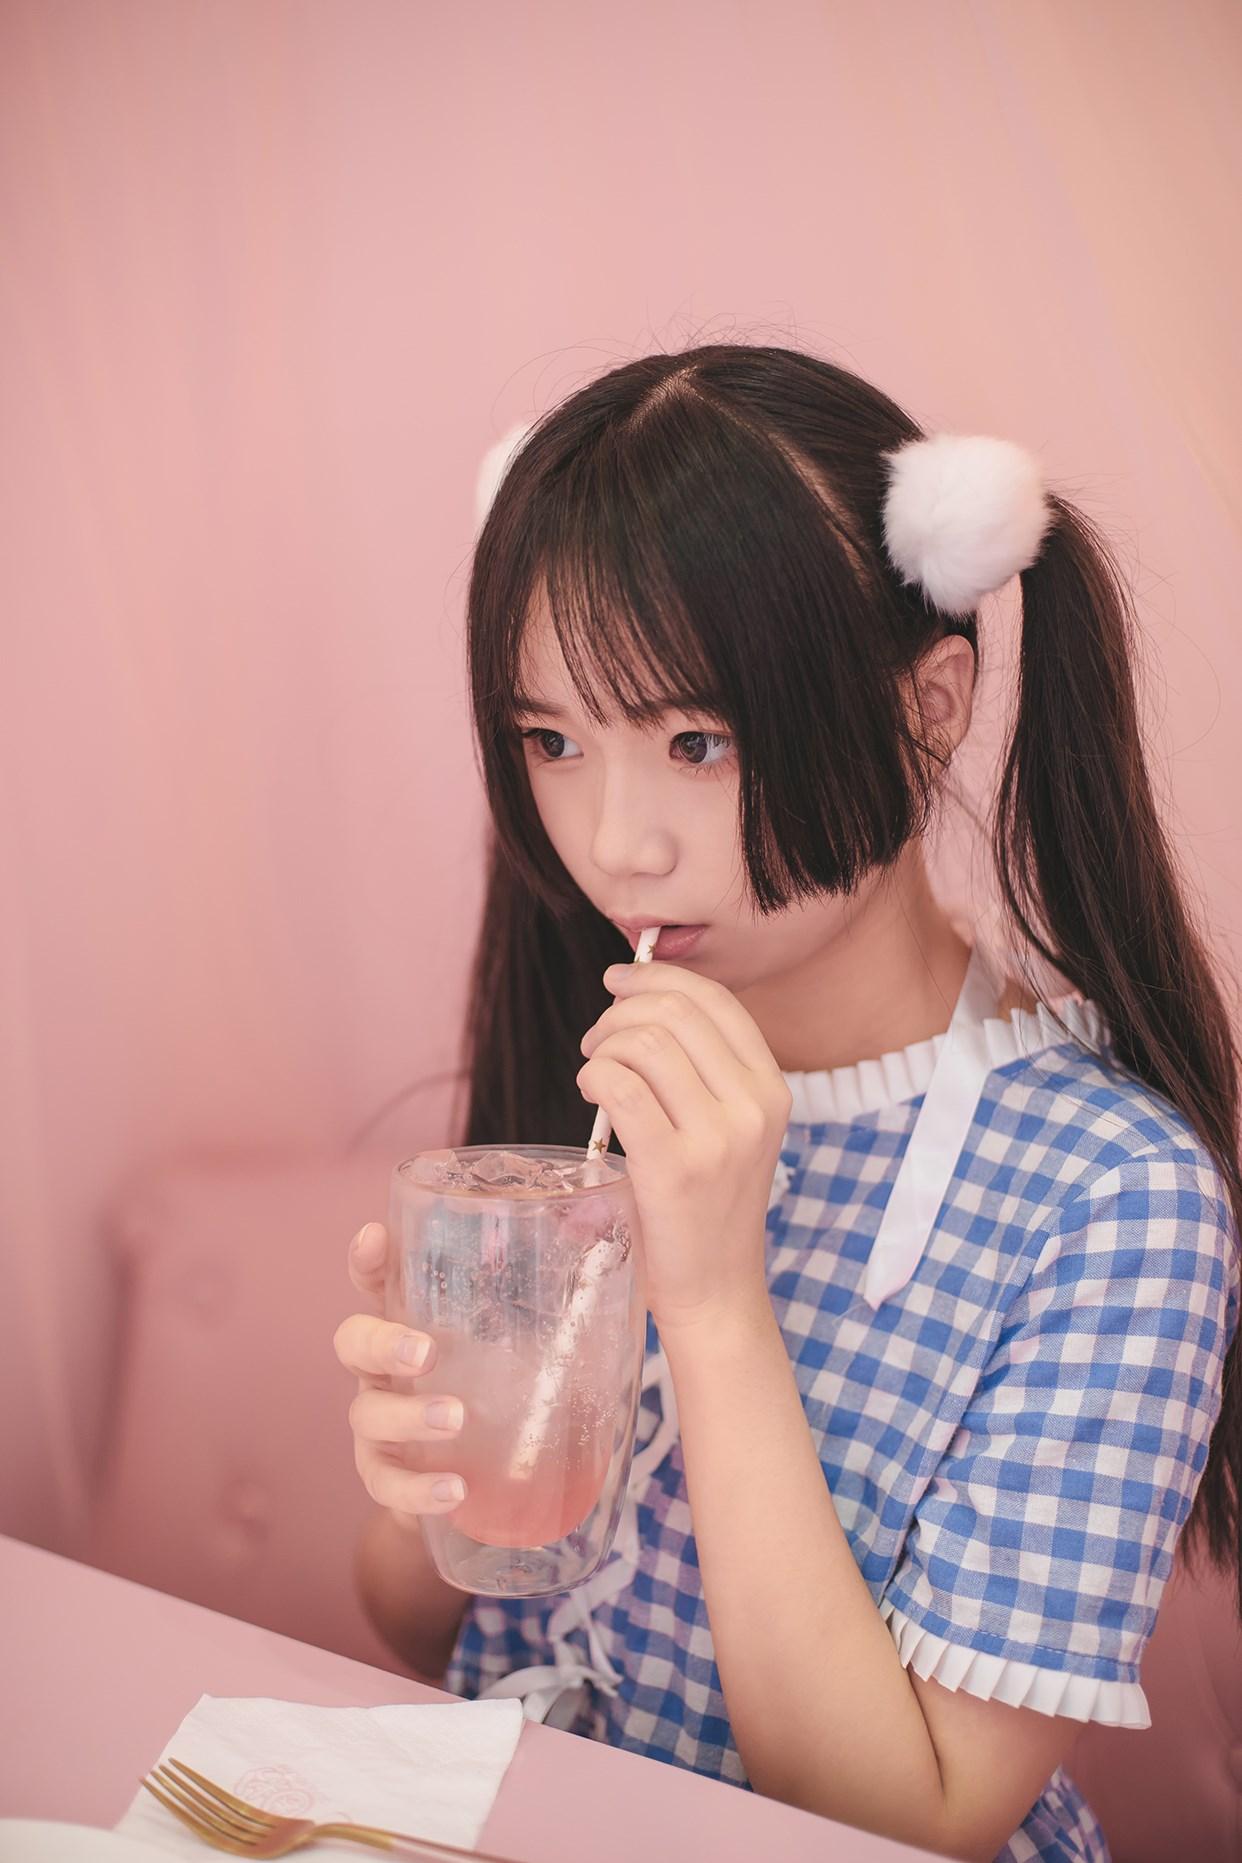 【兔玩映画】粉色的小萝莉 兔玩映画 第9张